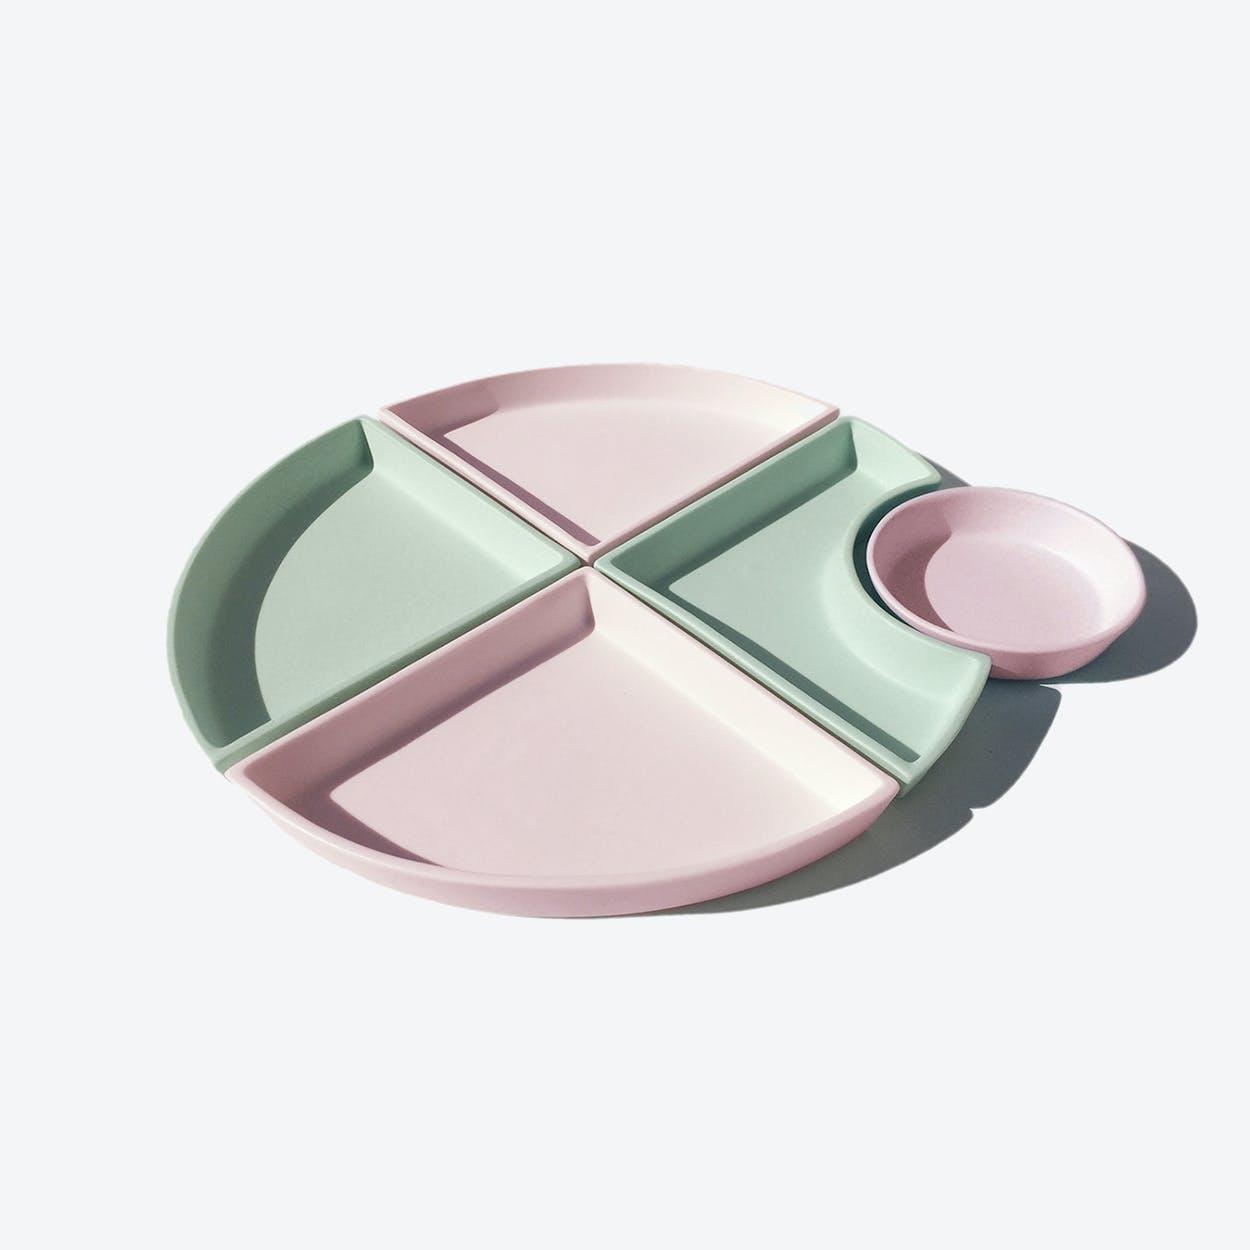 Porcelain Bento Set - Style 8 - Dual Tone